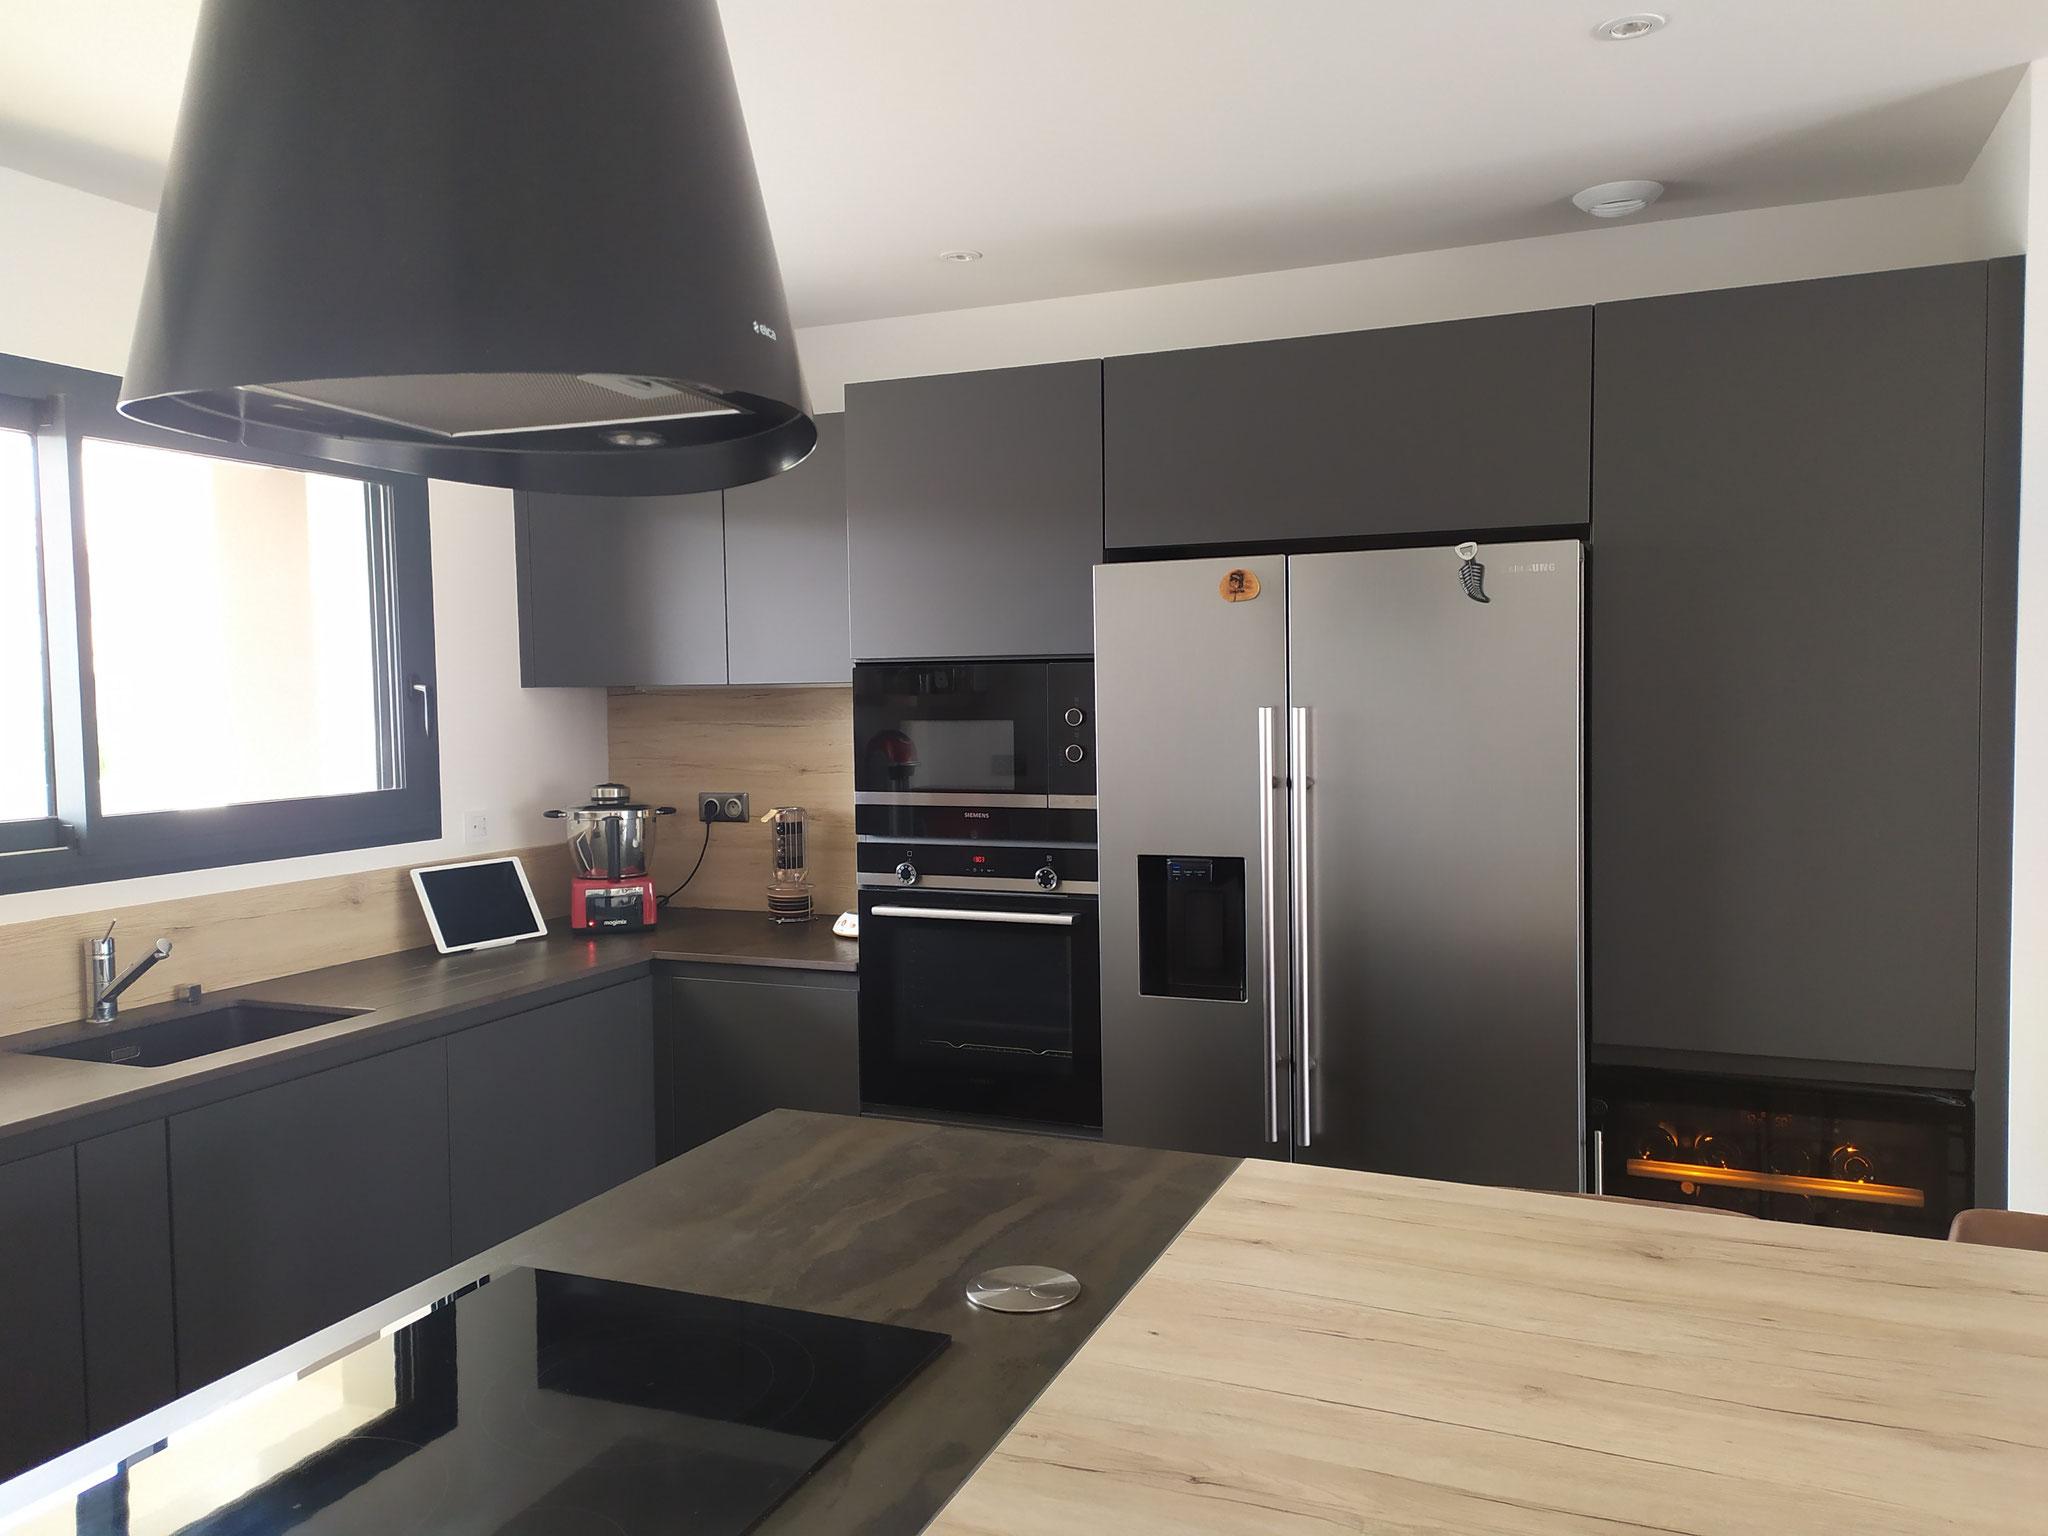 cuisine noire et bois avec frigo américain par cuisine design Toulouse